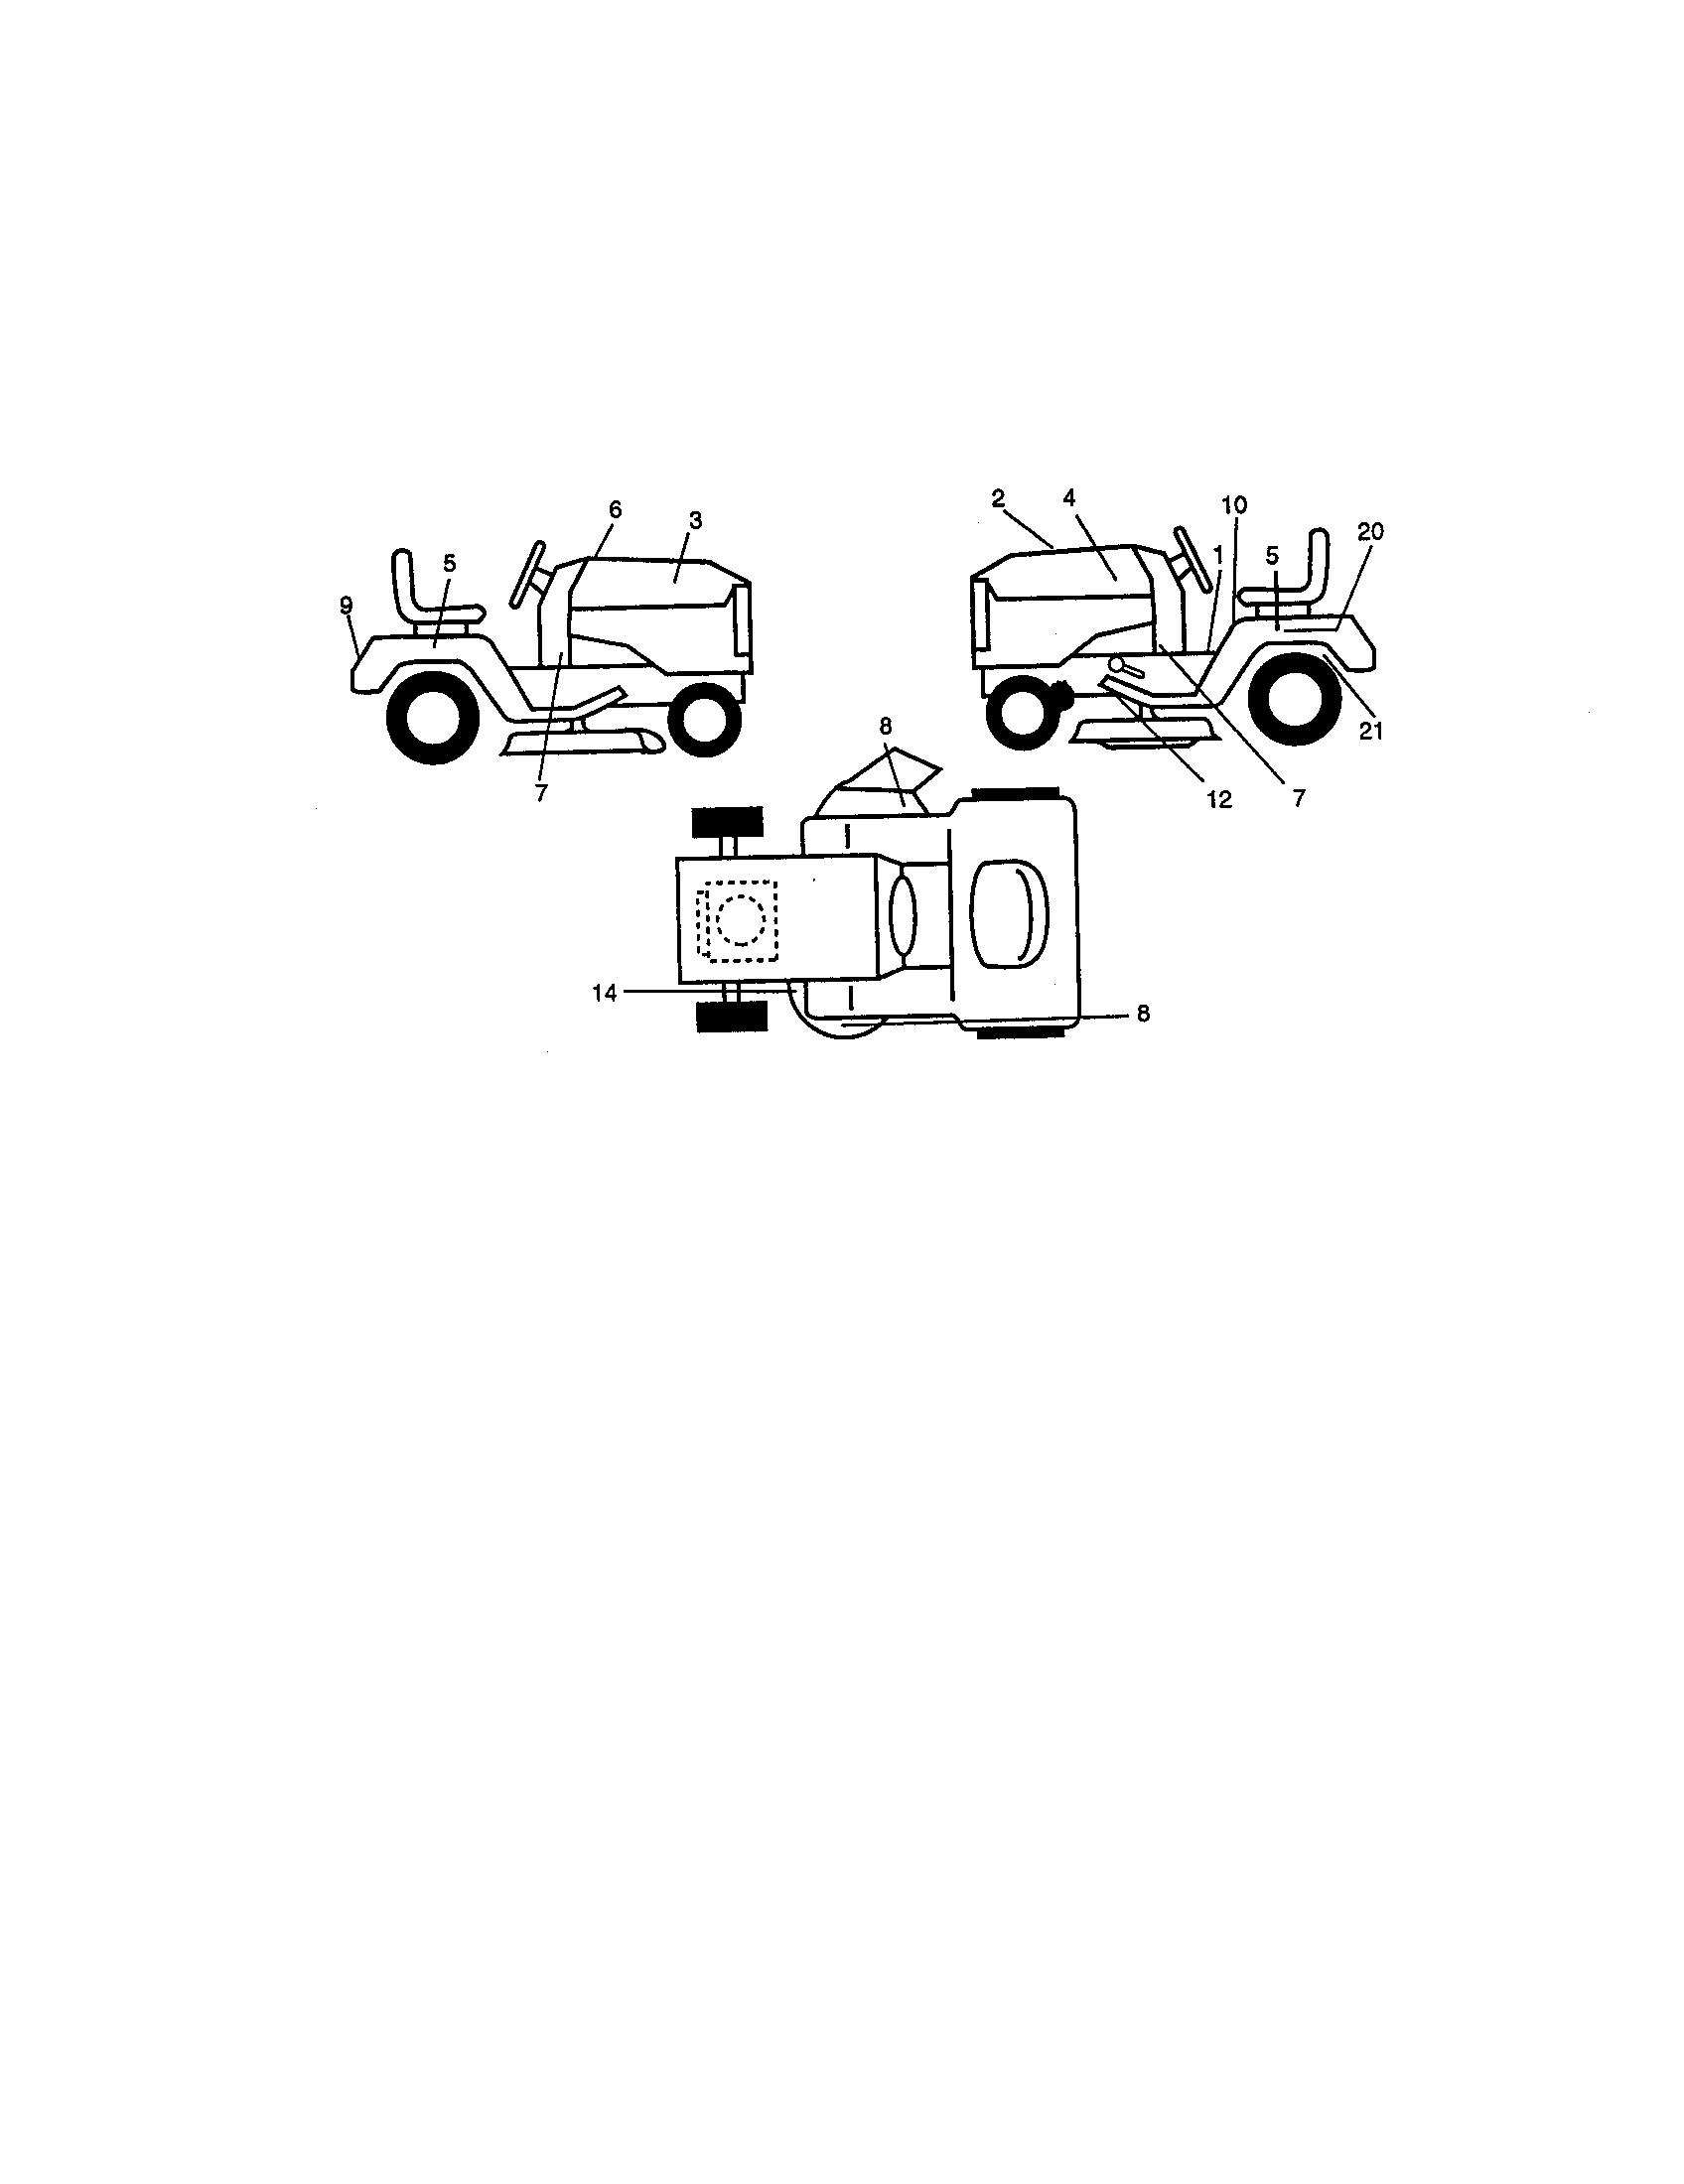 Craftsman model 917271090 lawn, tractor genuine parts